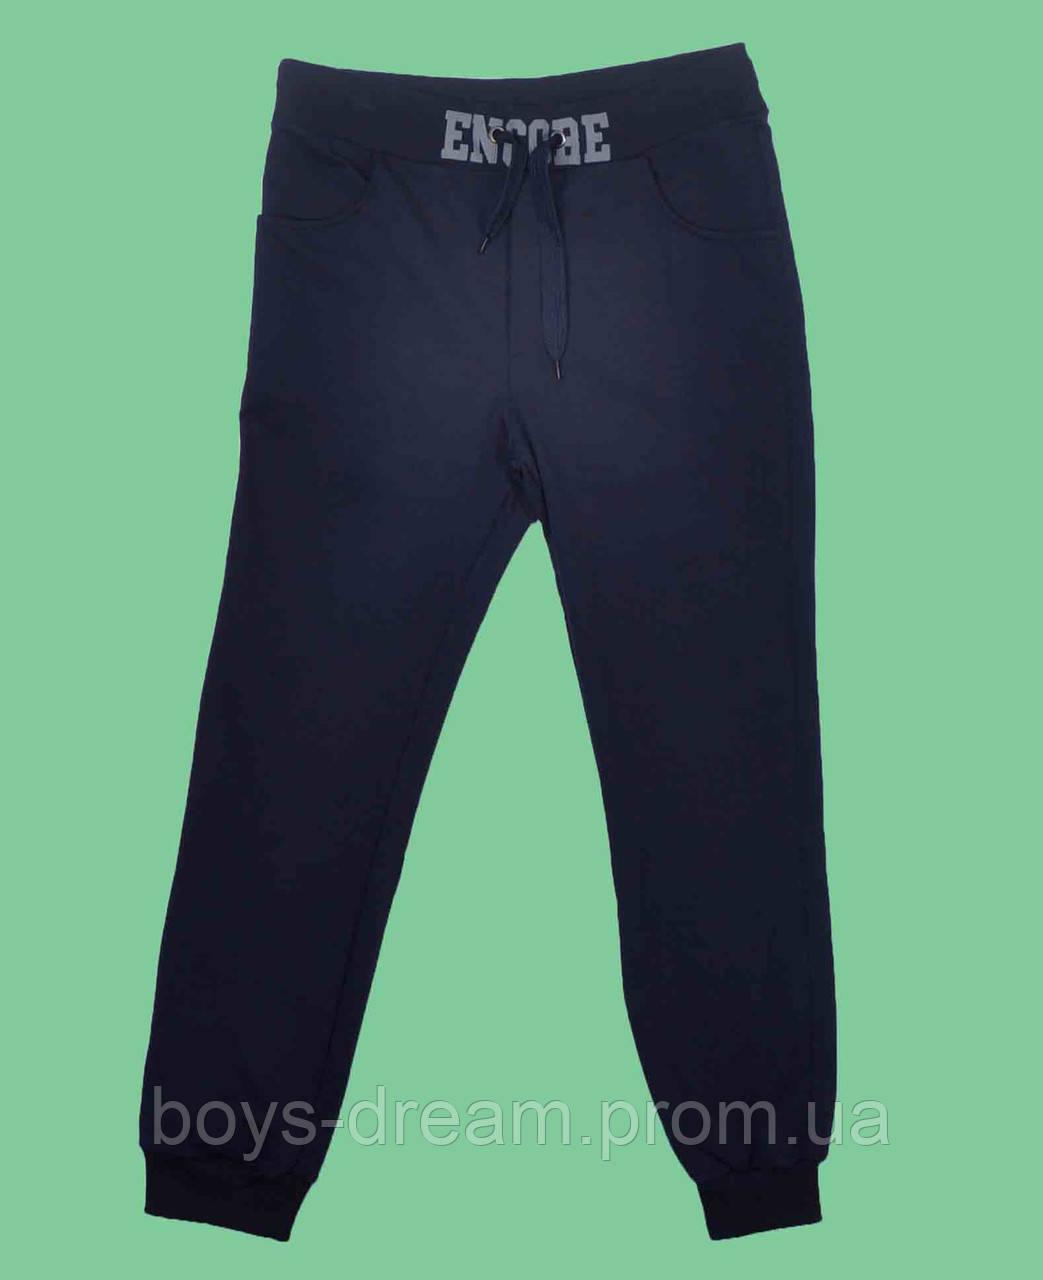 Спортивные штаны для мальчика Encore (158) (Турция)